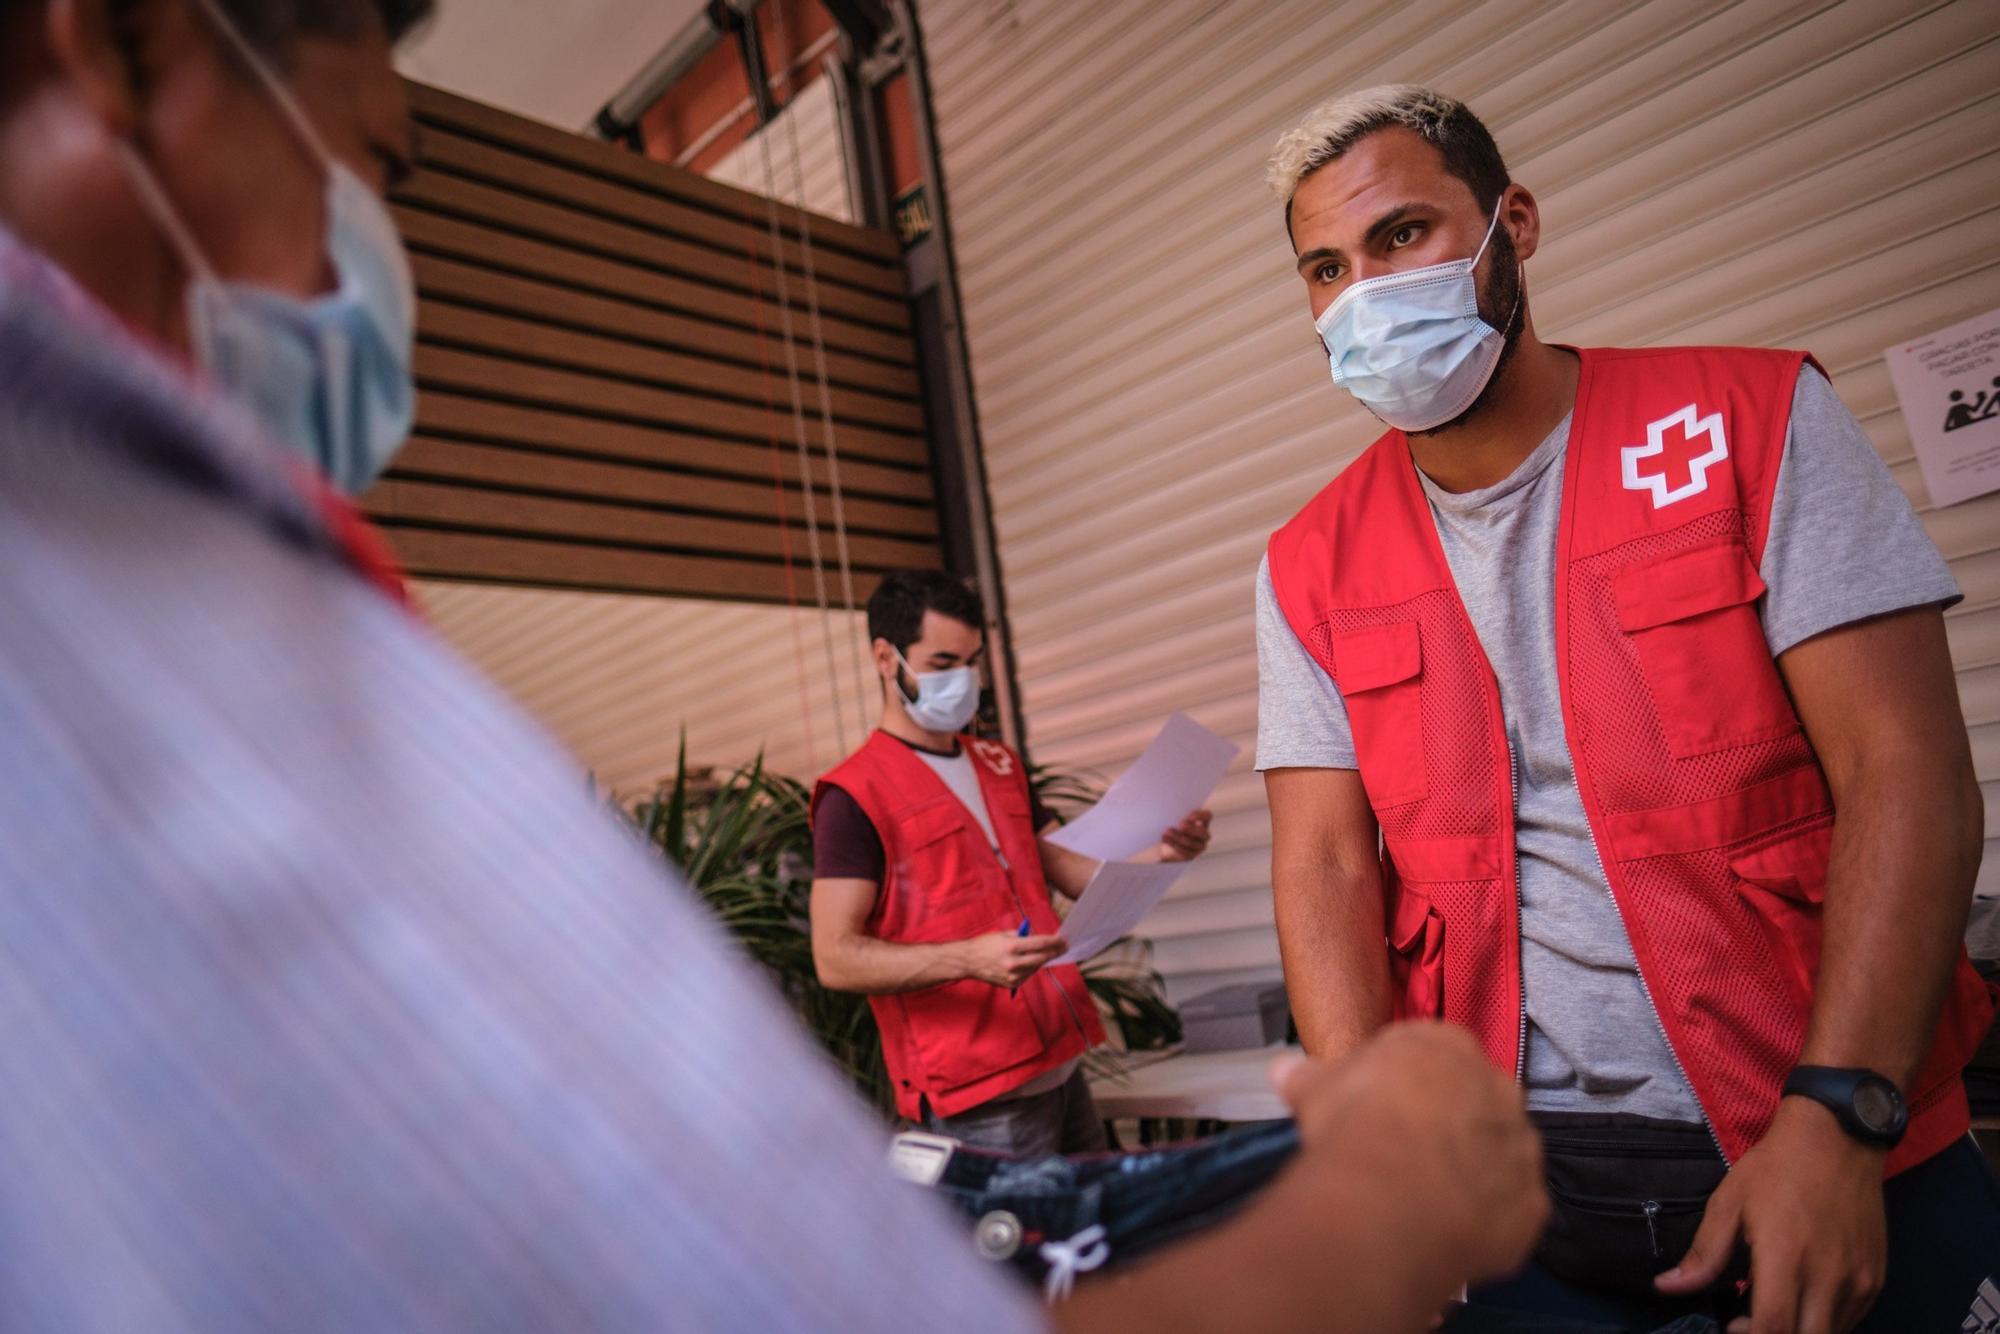 Rastrillo de Cruz Roja en Santa Cruz de Tenerife